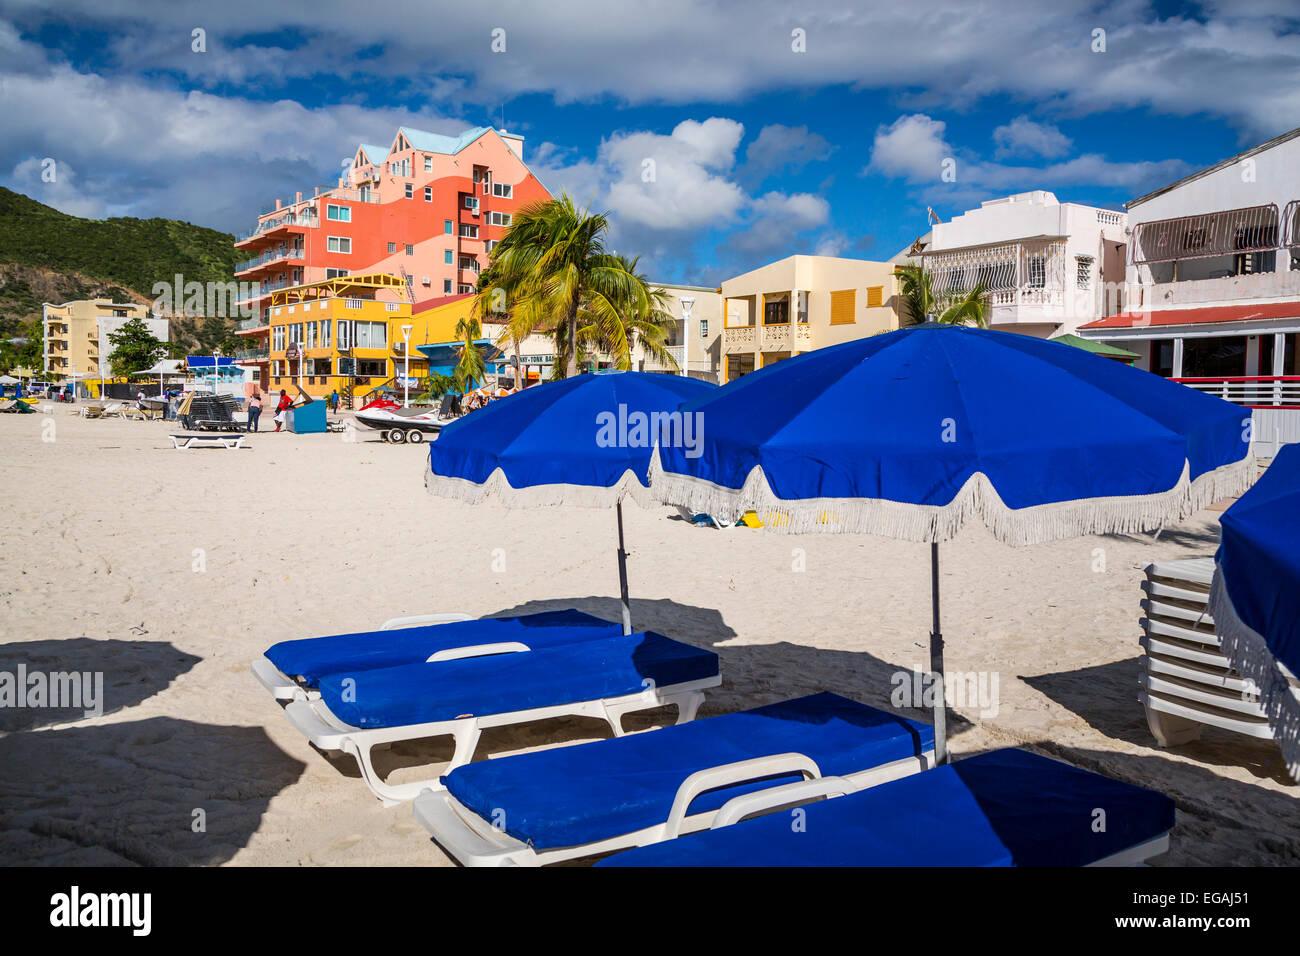 Bunte Sonnenschirme und Liege liegen am Strand von Philipsburg, St. Maarten, Karibik-Insel. Stockbild